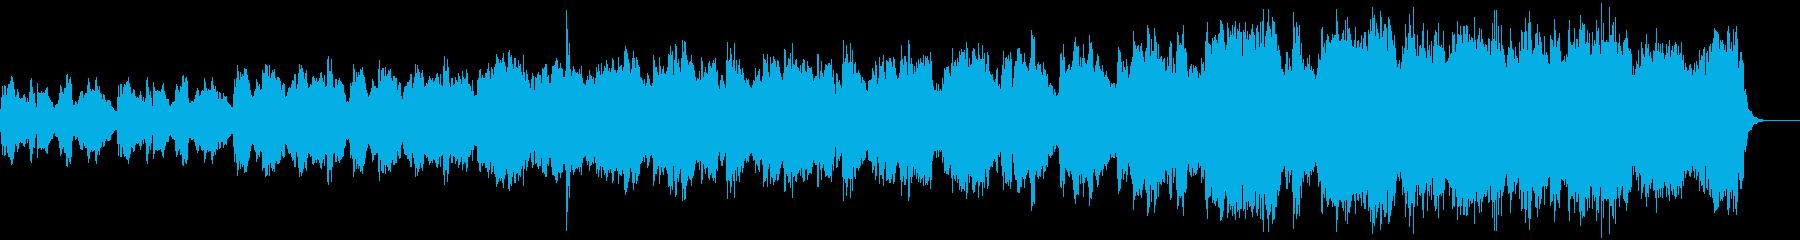 幻想的な印象のコーラスとハープの再生済みの波形